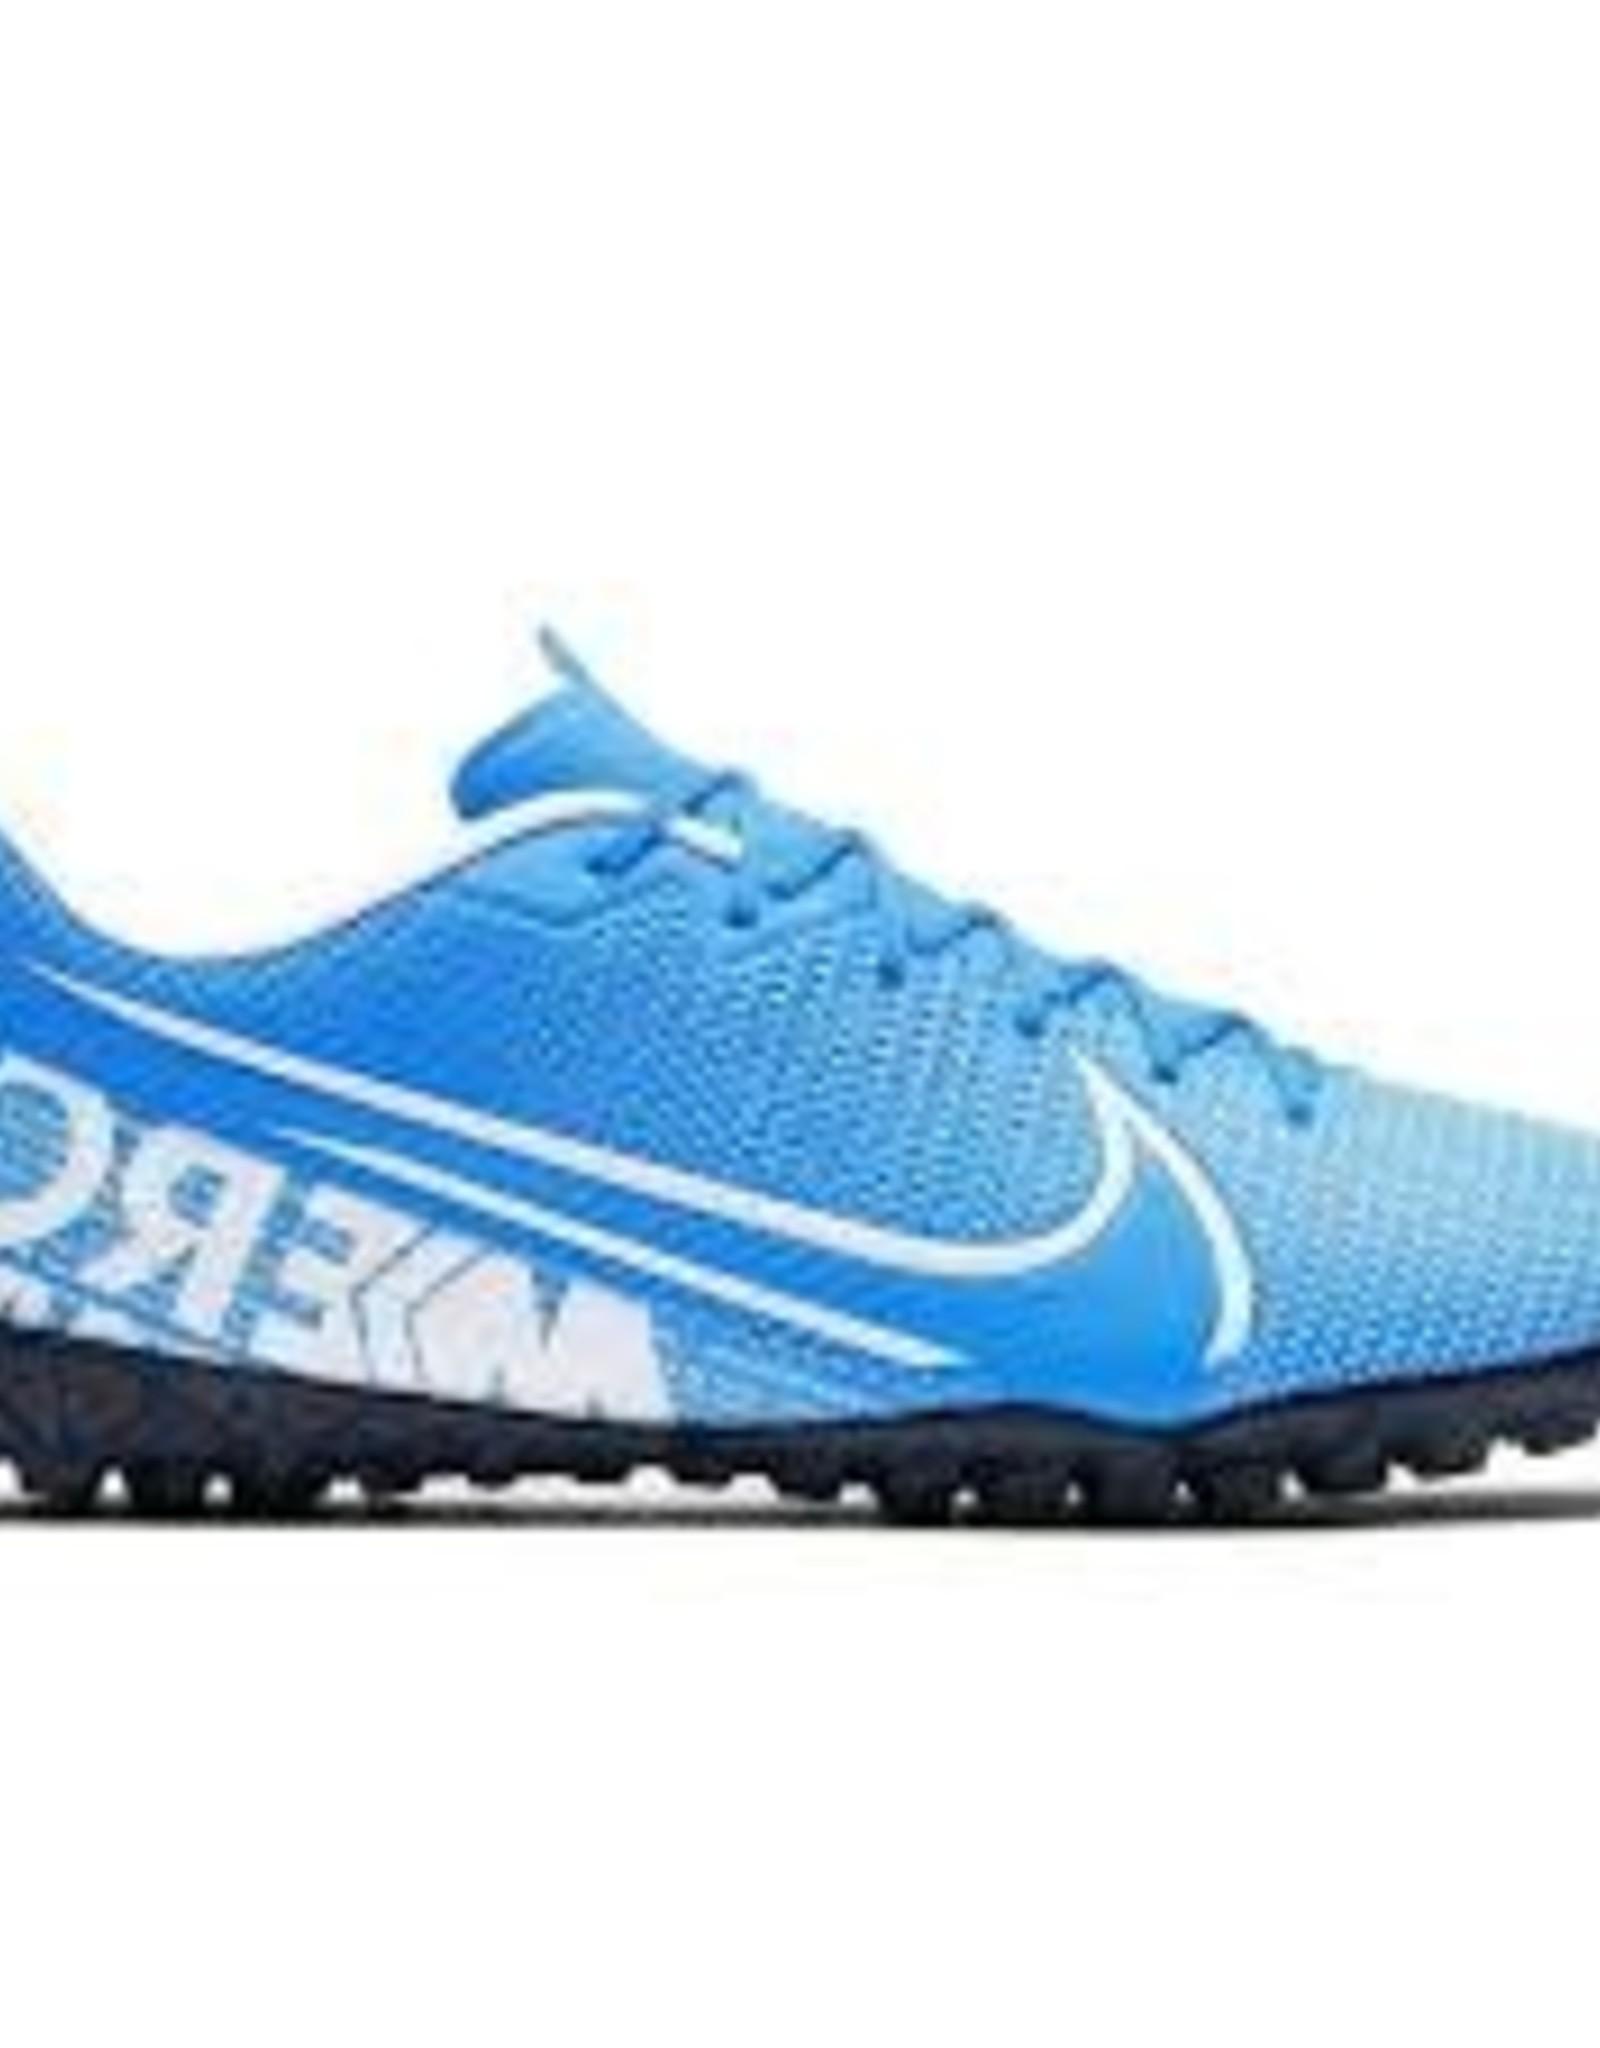 Nike Nike TF Vapor 13 Ac AT7996